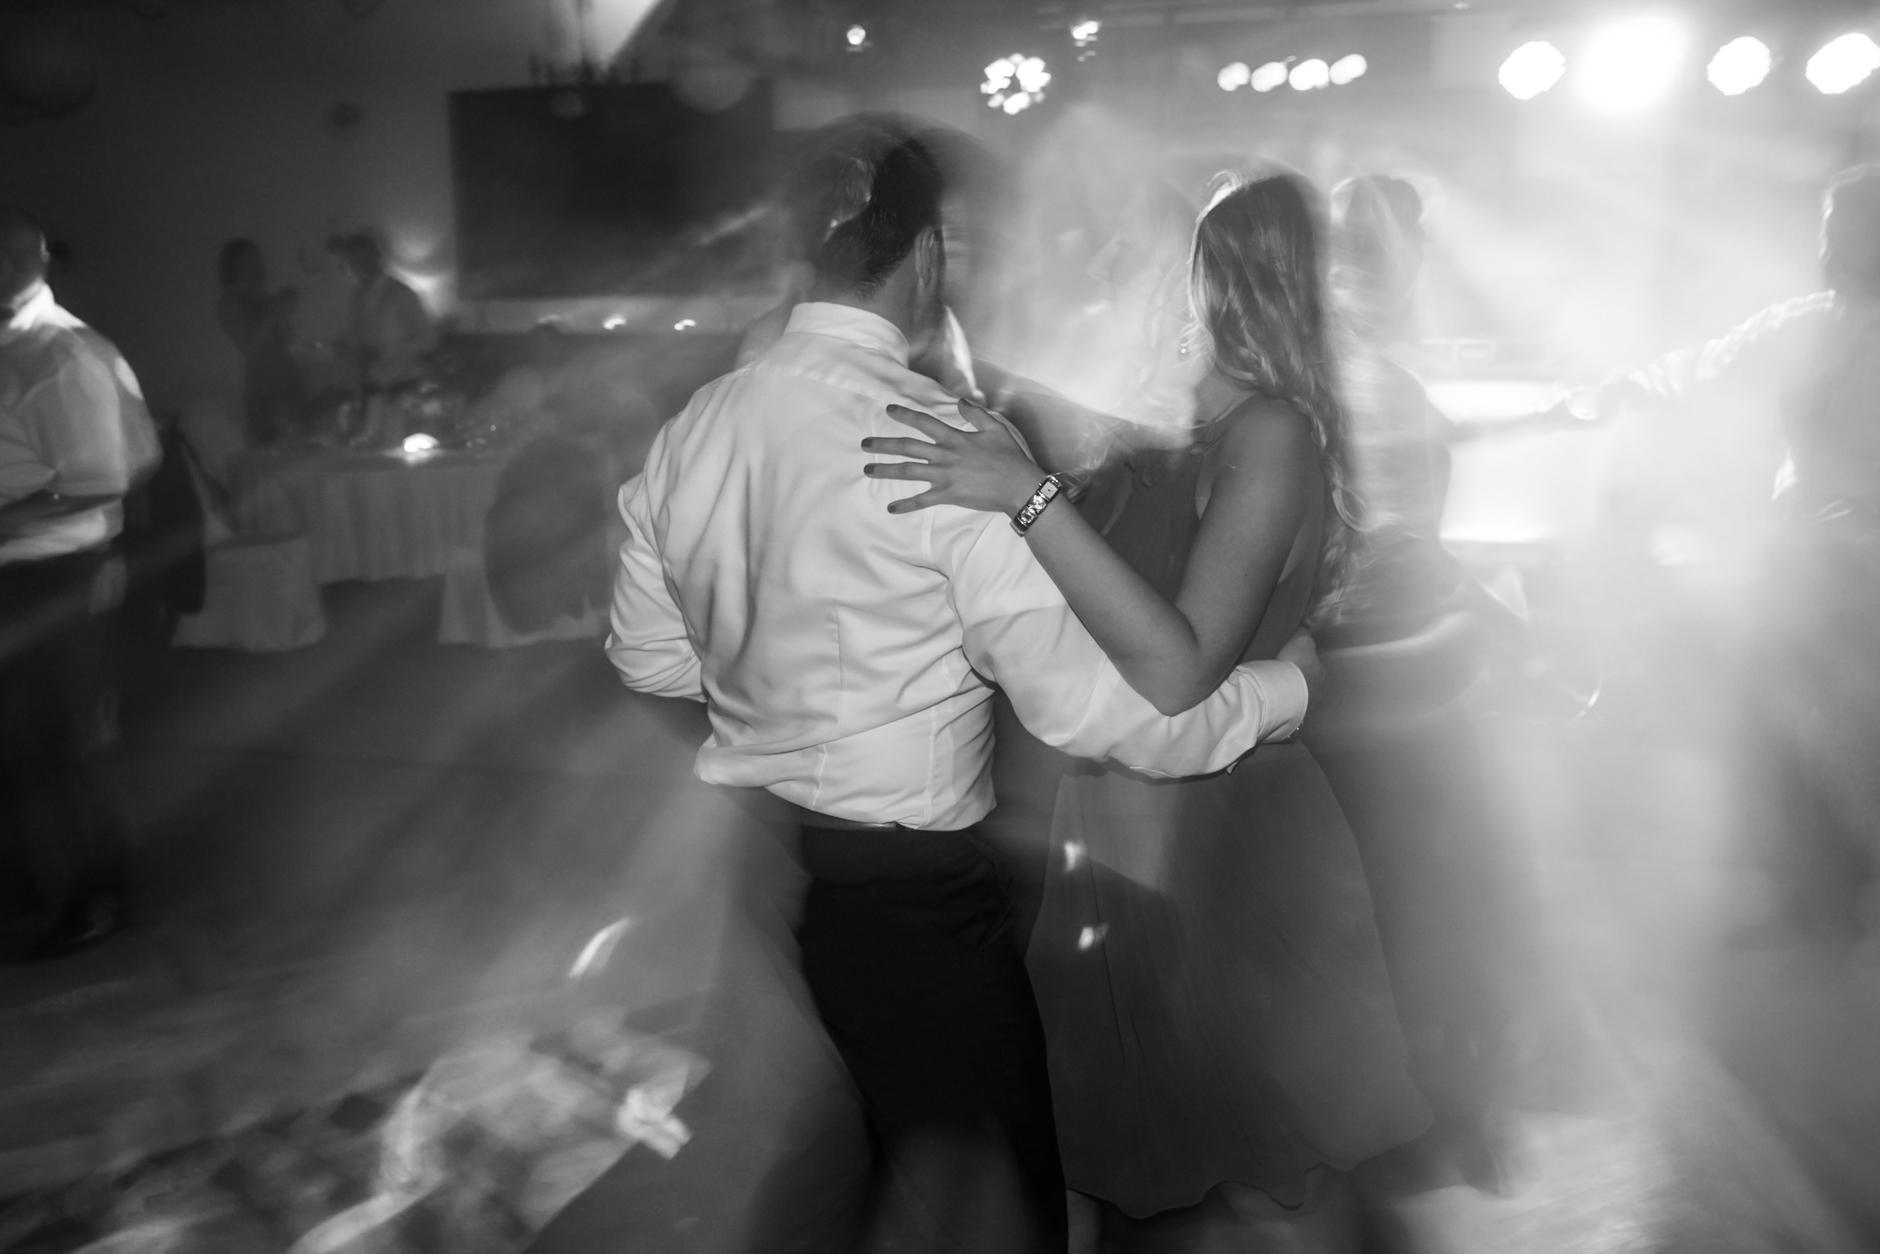 keine Hochzeit ohne Bilder von Hochzeitstanz und Party